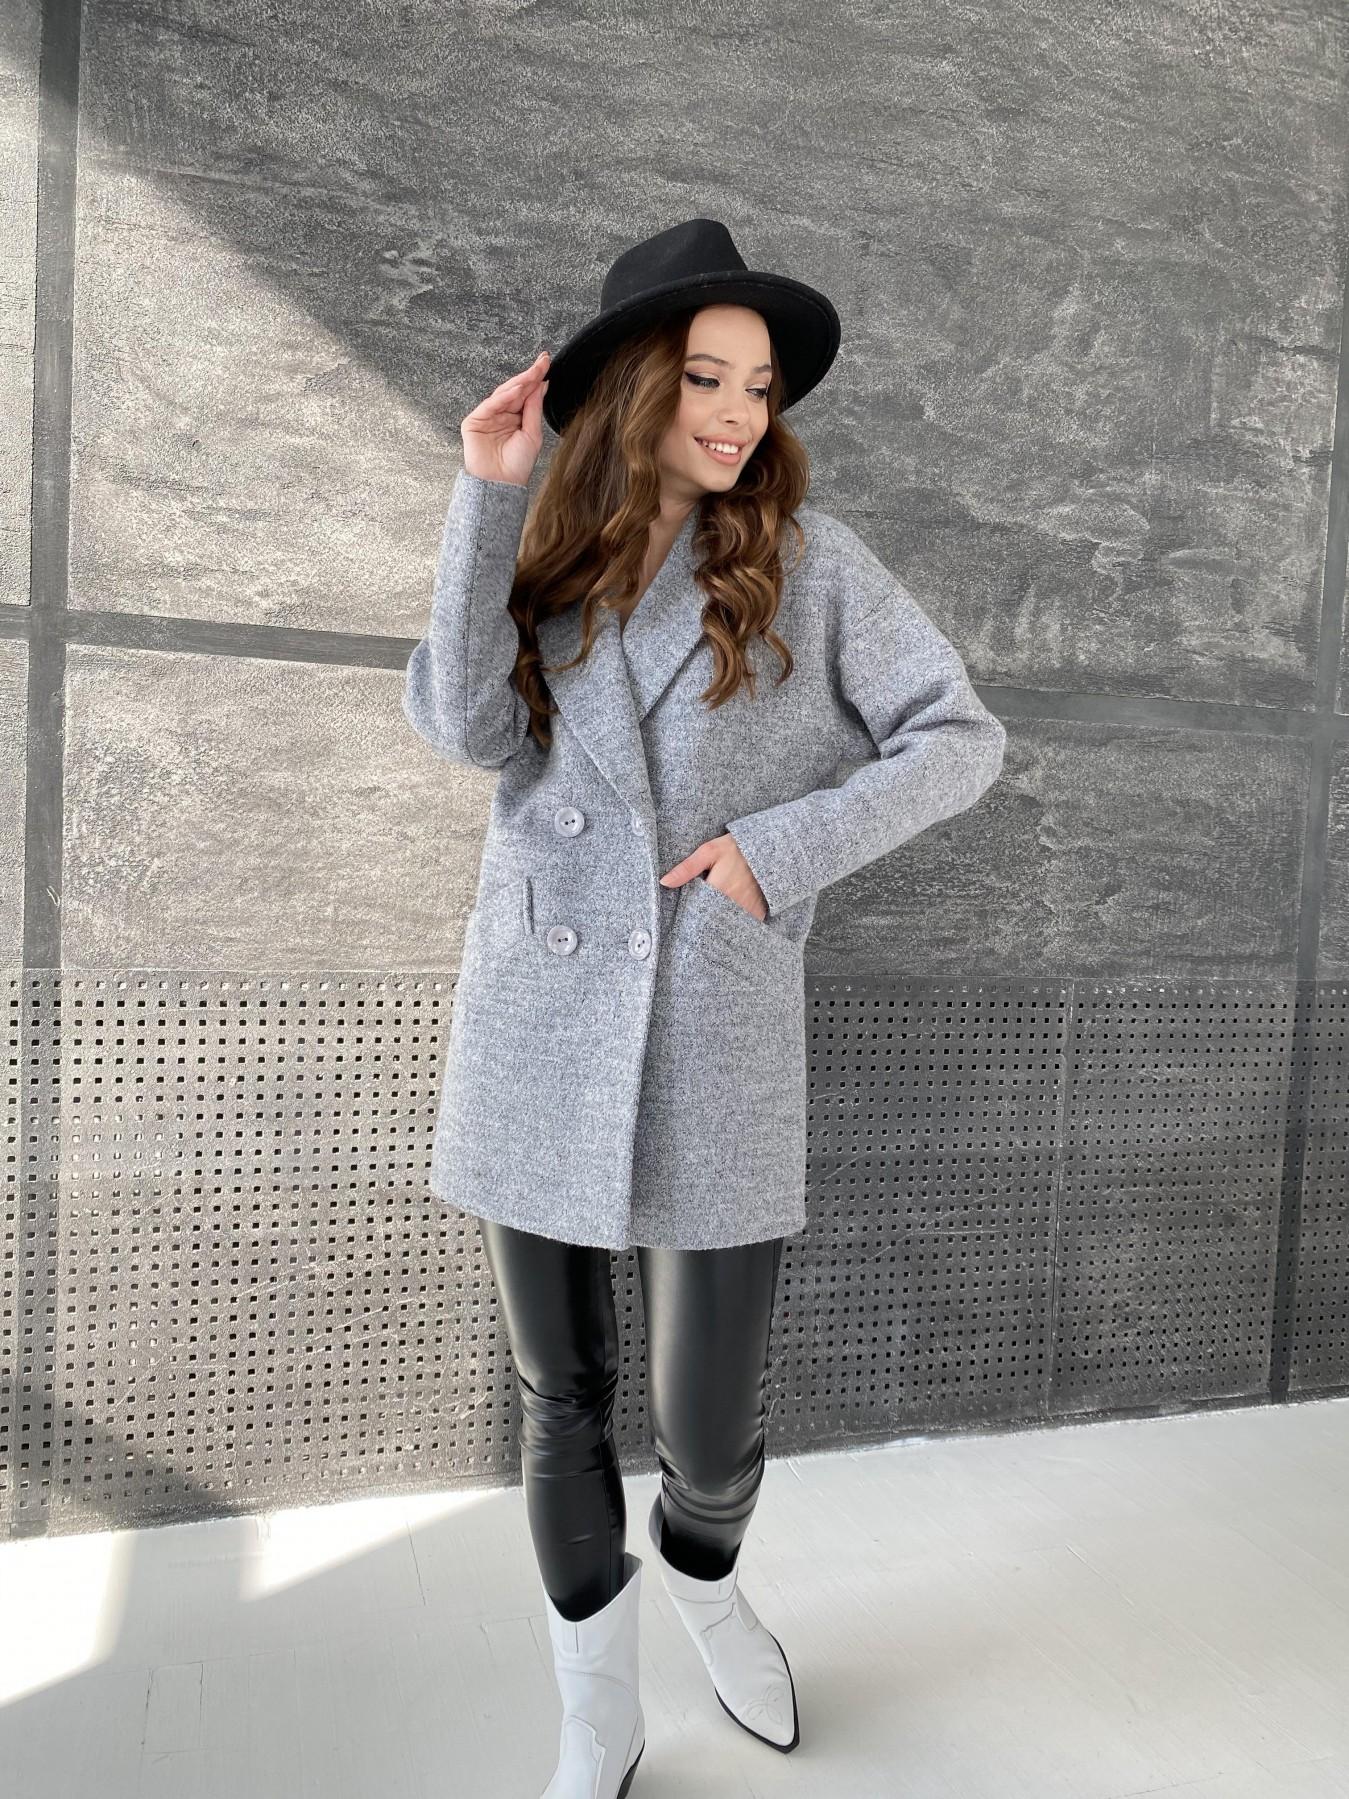 Бонд пальто из шерсти букле  10770 АРТ. 47198 Цвет: Серый 48 - фото 1, интернет магазин tm-modus.ru